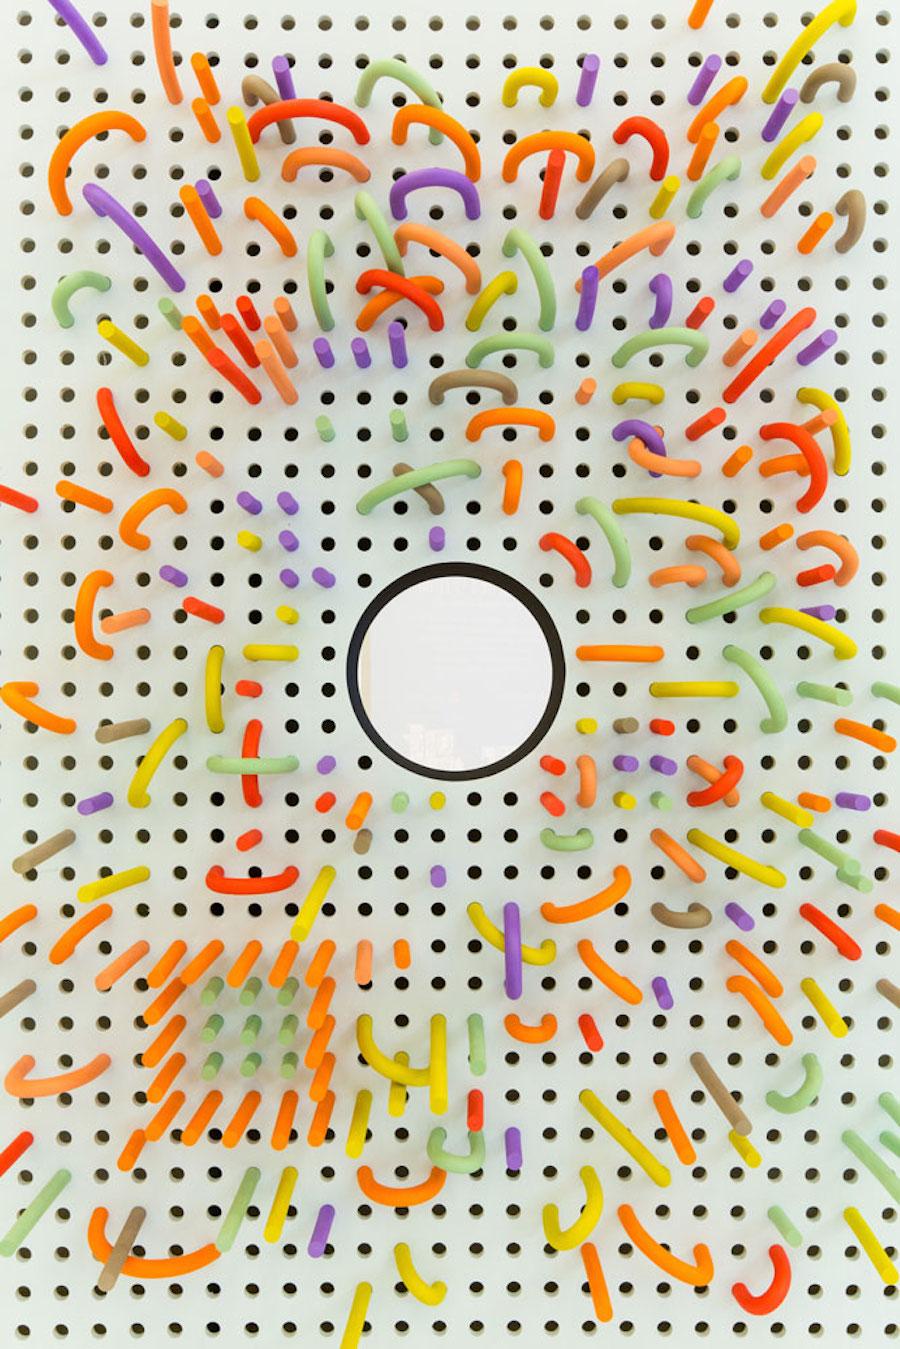 installazione-interattiva-bambini-tubo-kids-mathery-05